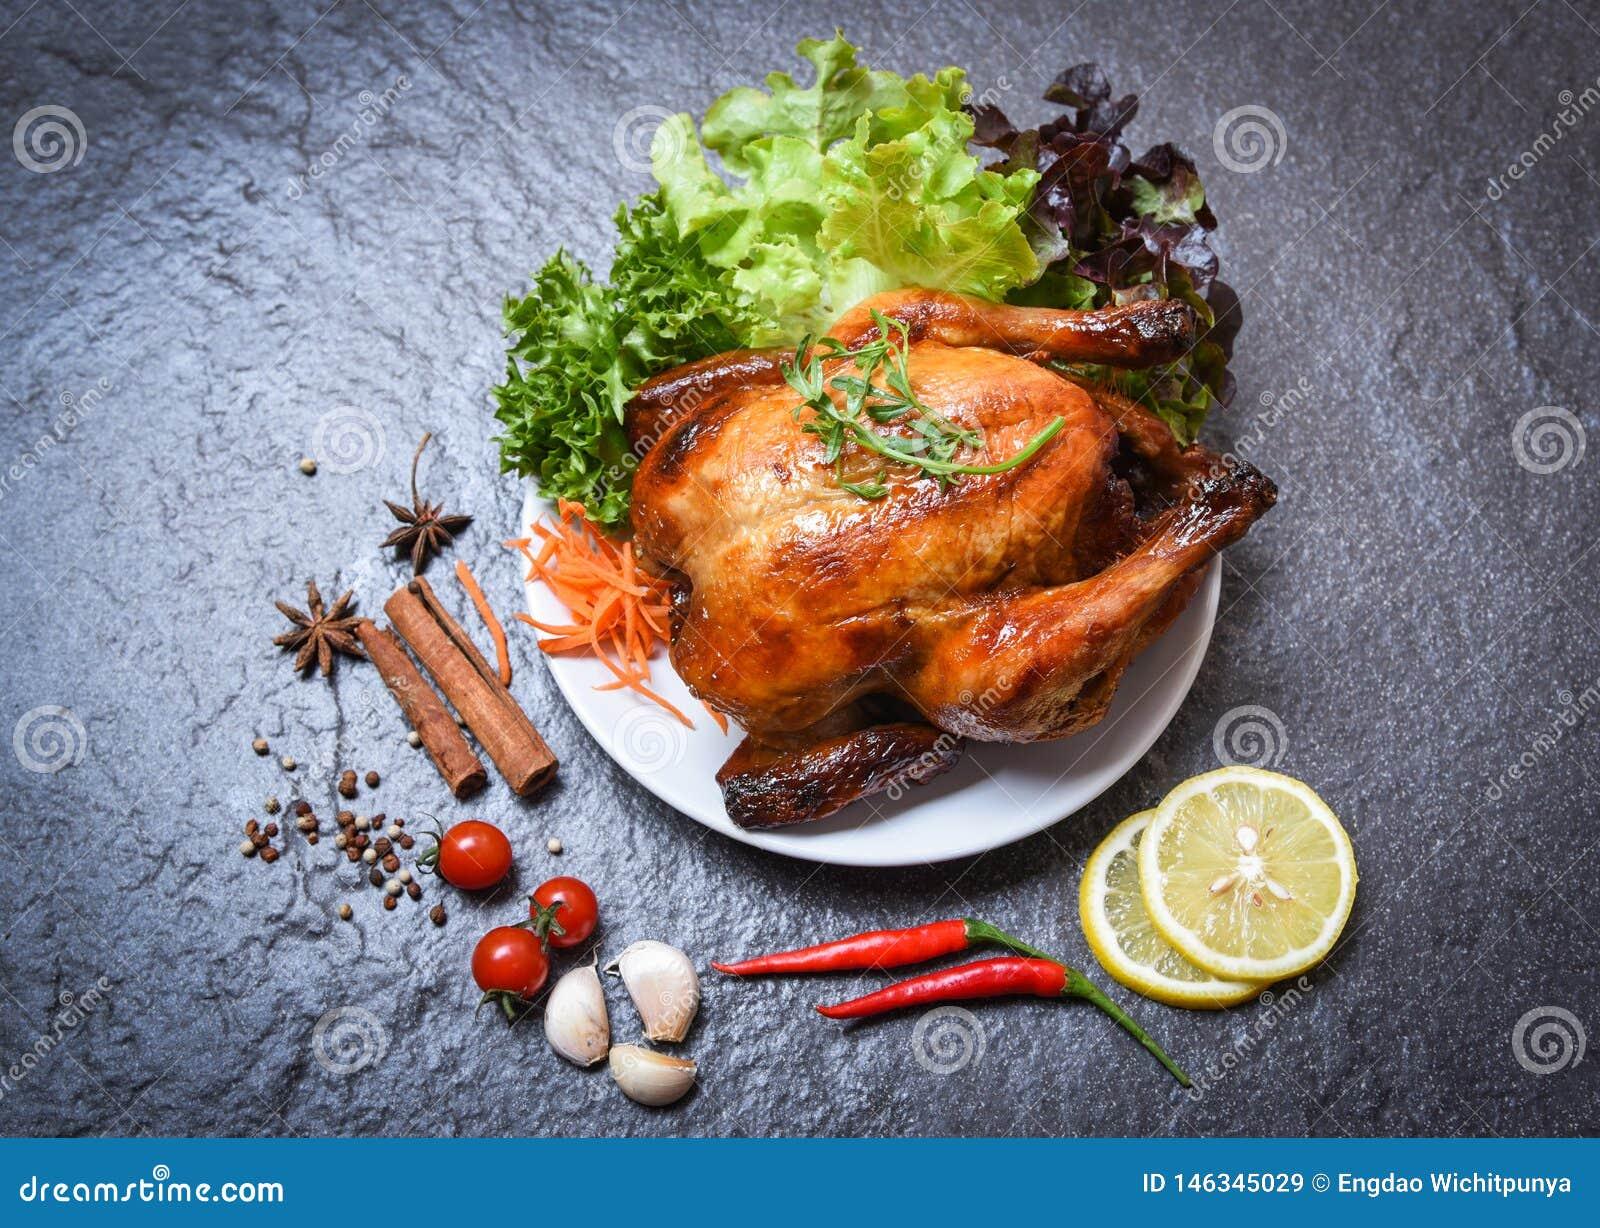 Grillad feg/bakad hel höna som grillas på plattan med örter och kryddor och mörk bakgrund